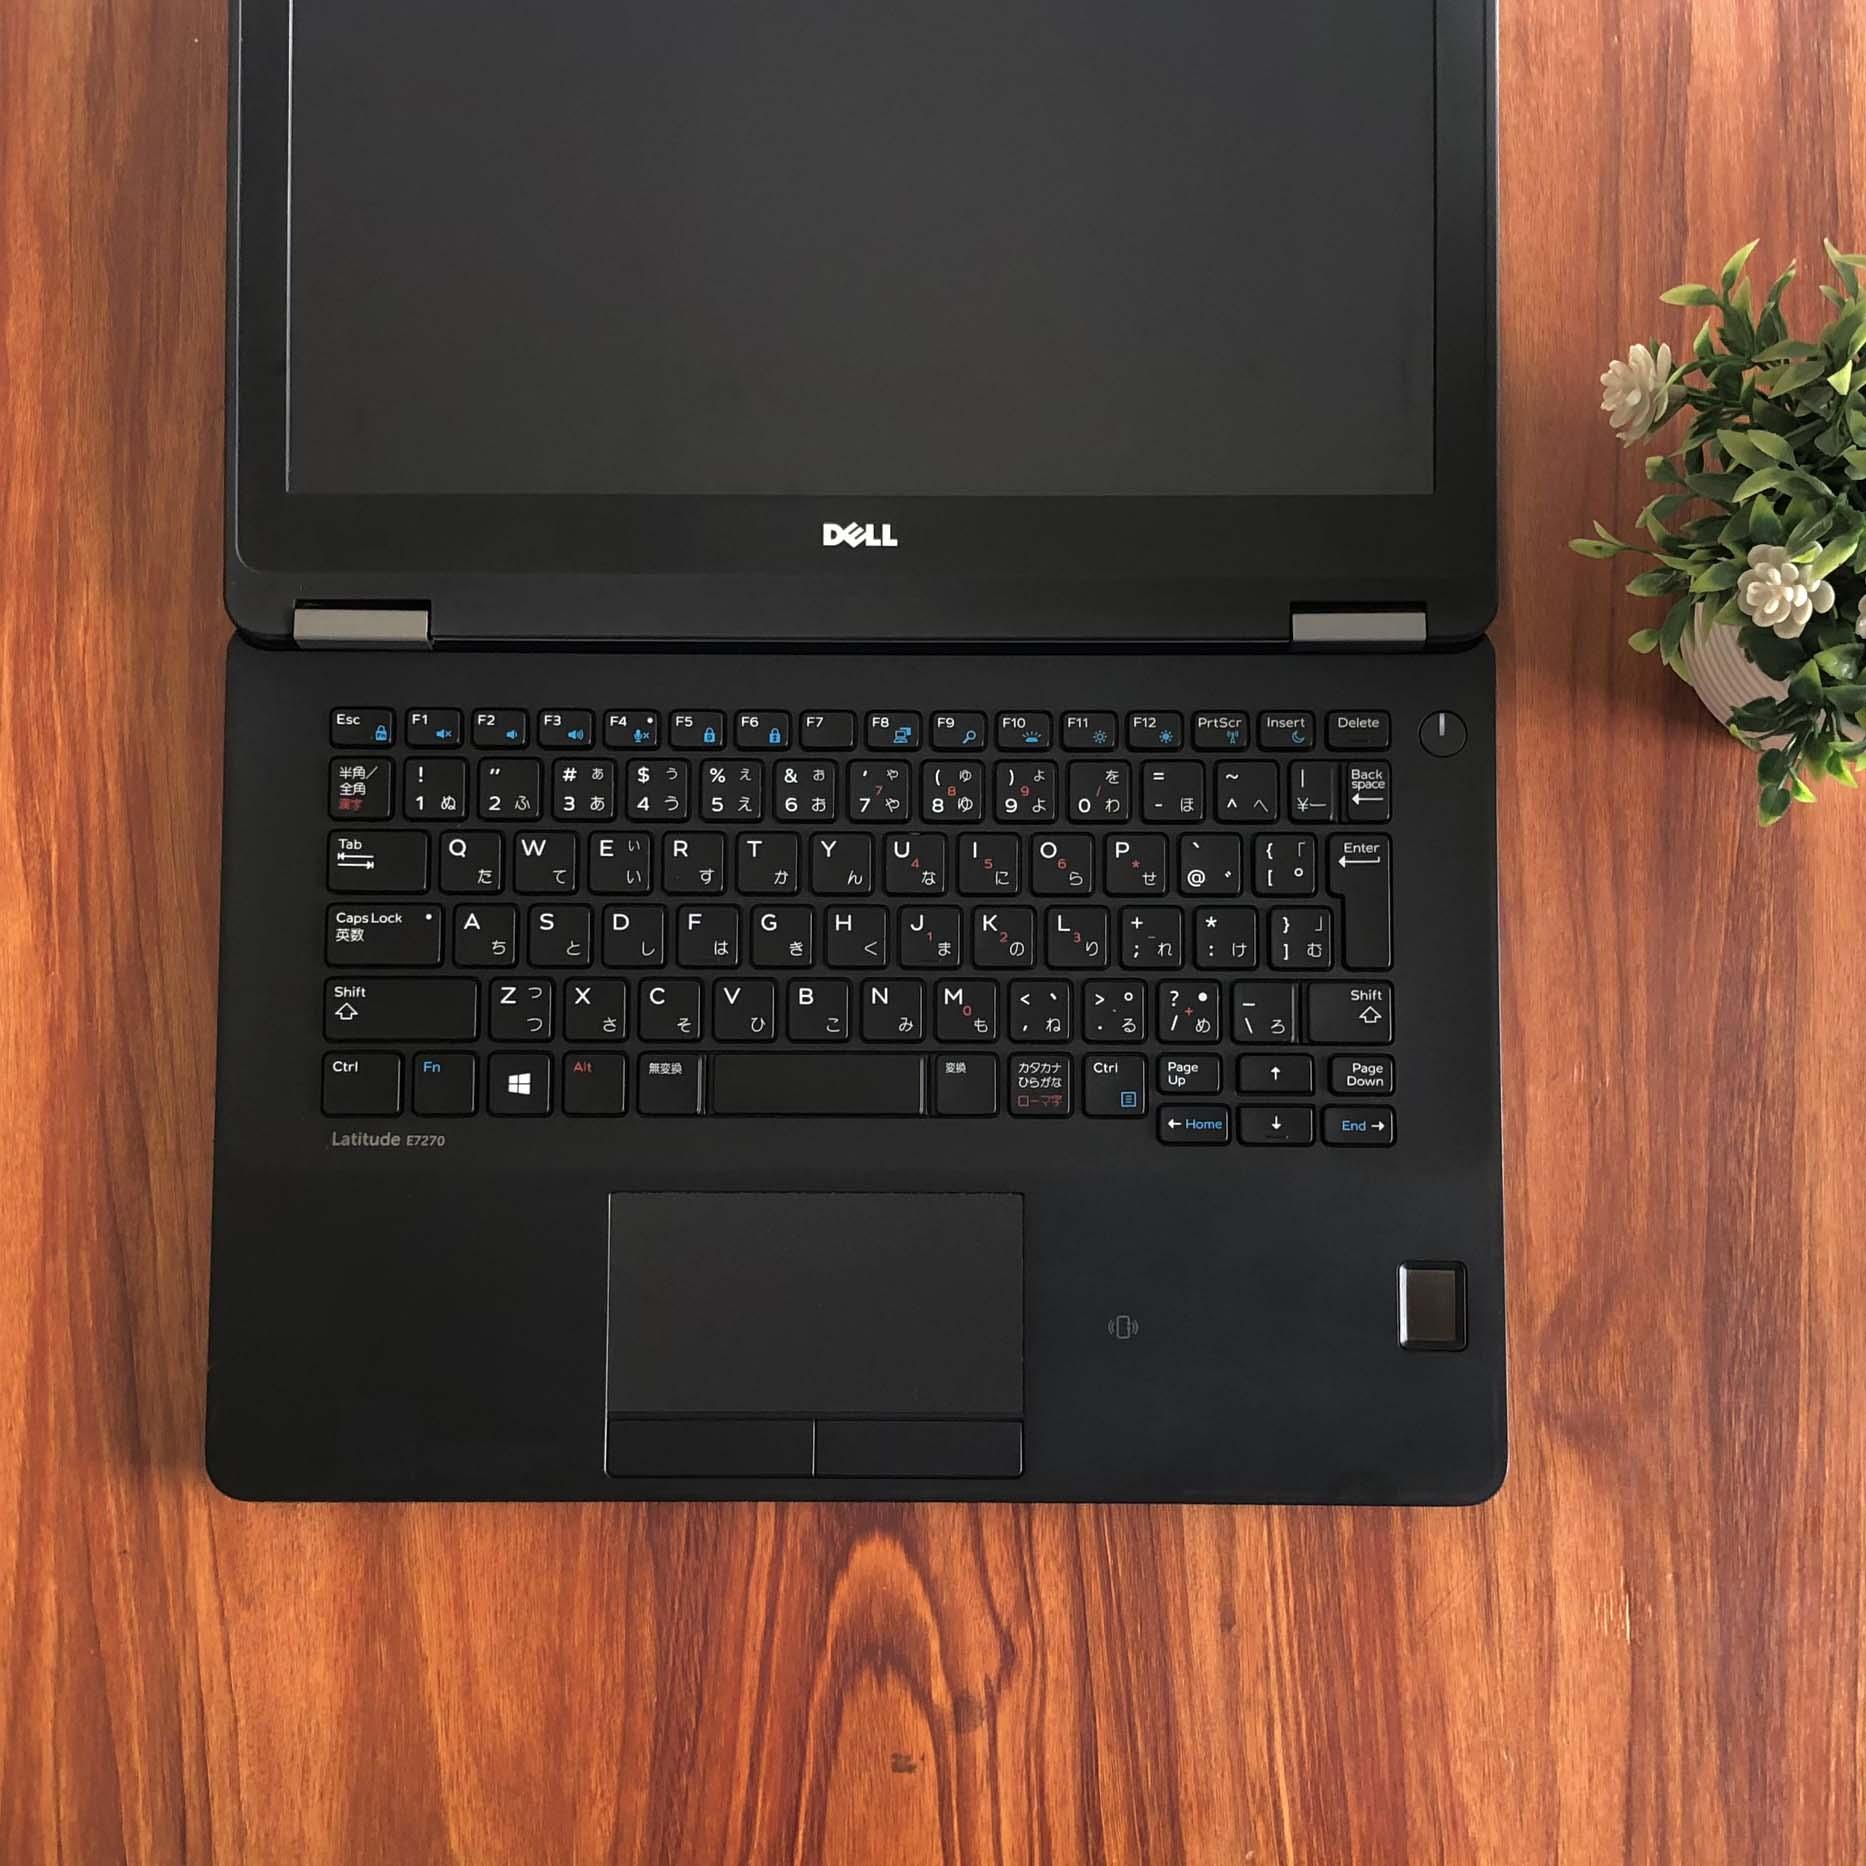 Dell Latitude E7270 Core i7